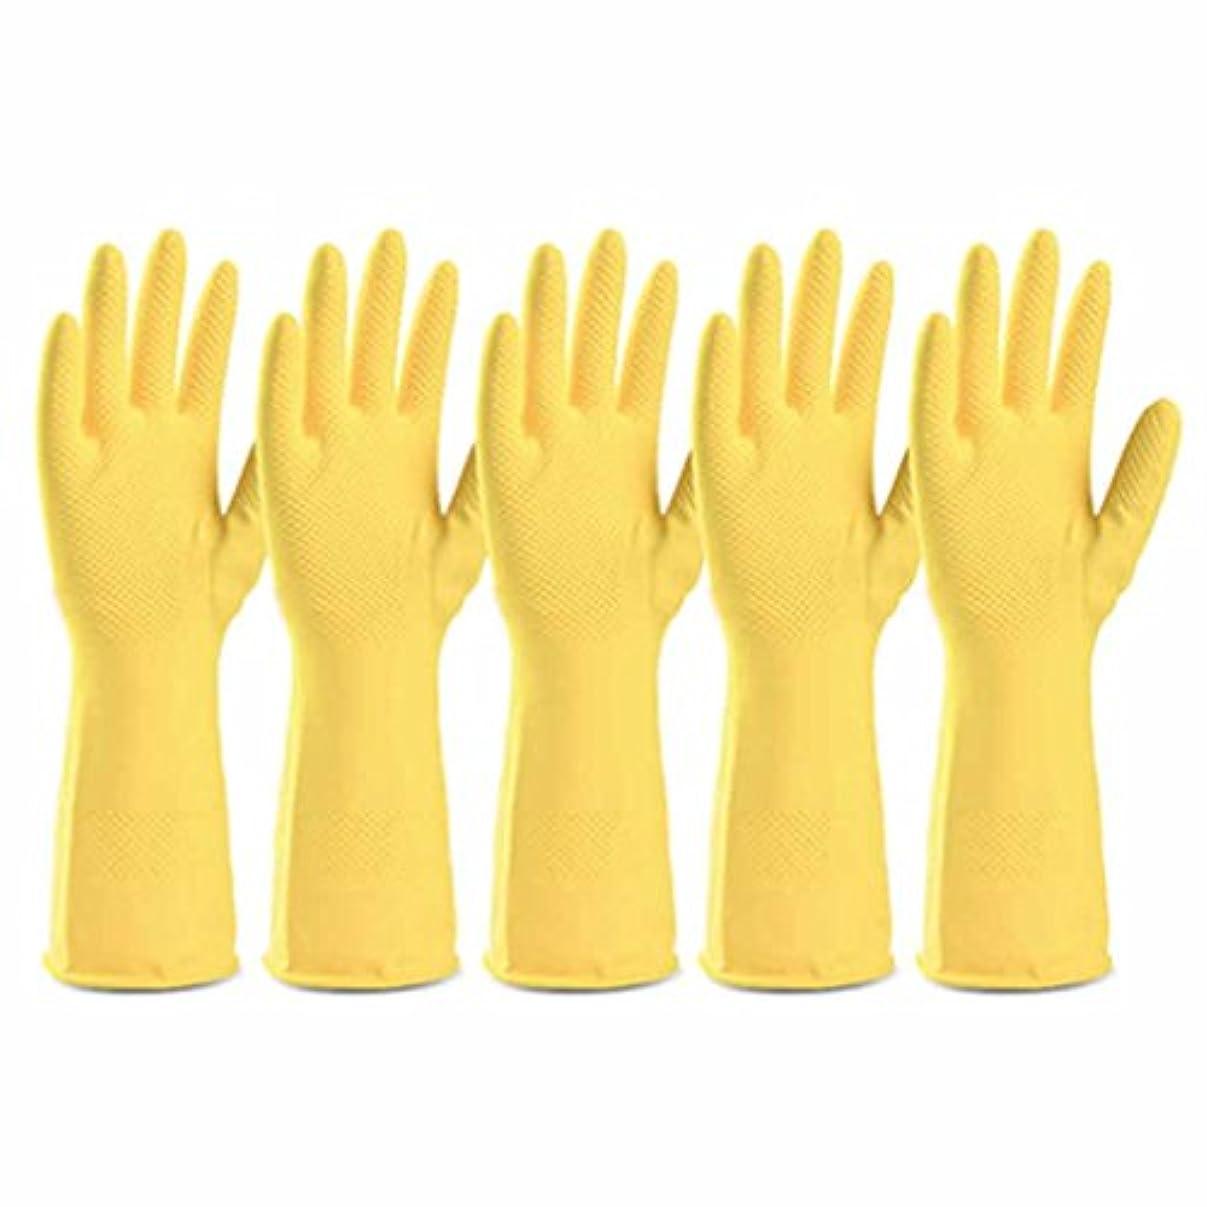 文明化空虚徐々に使い捨て手袋 食品グレードラテックス滑り止め耐久手袋キッチン多機能防水油手袋 (Color : Yellow)